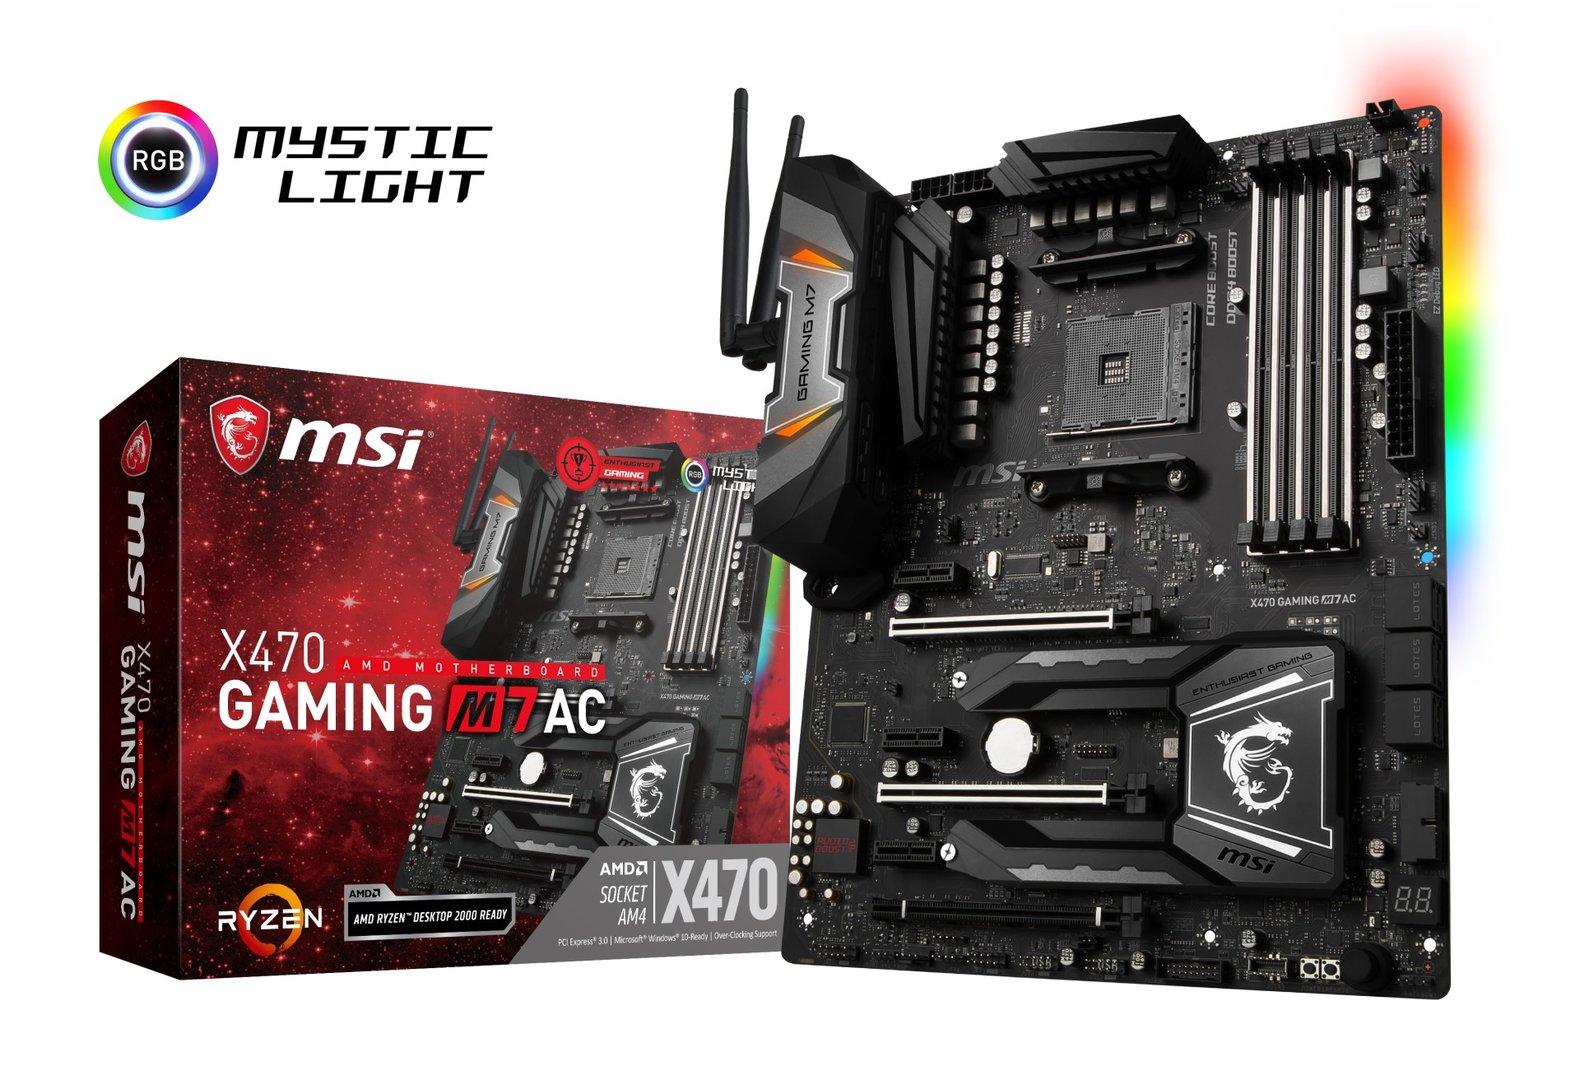 X470 Gaming M7 AC